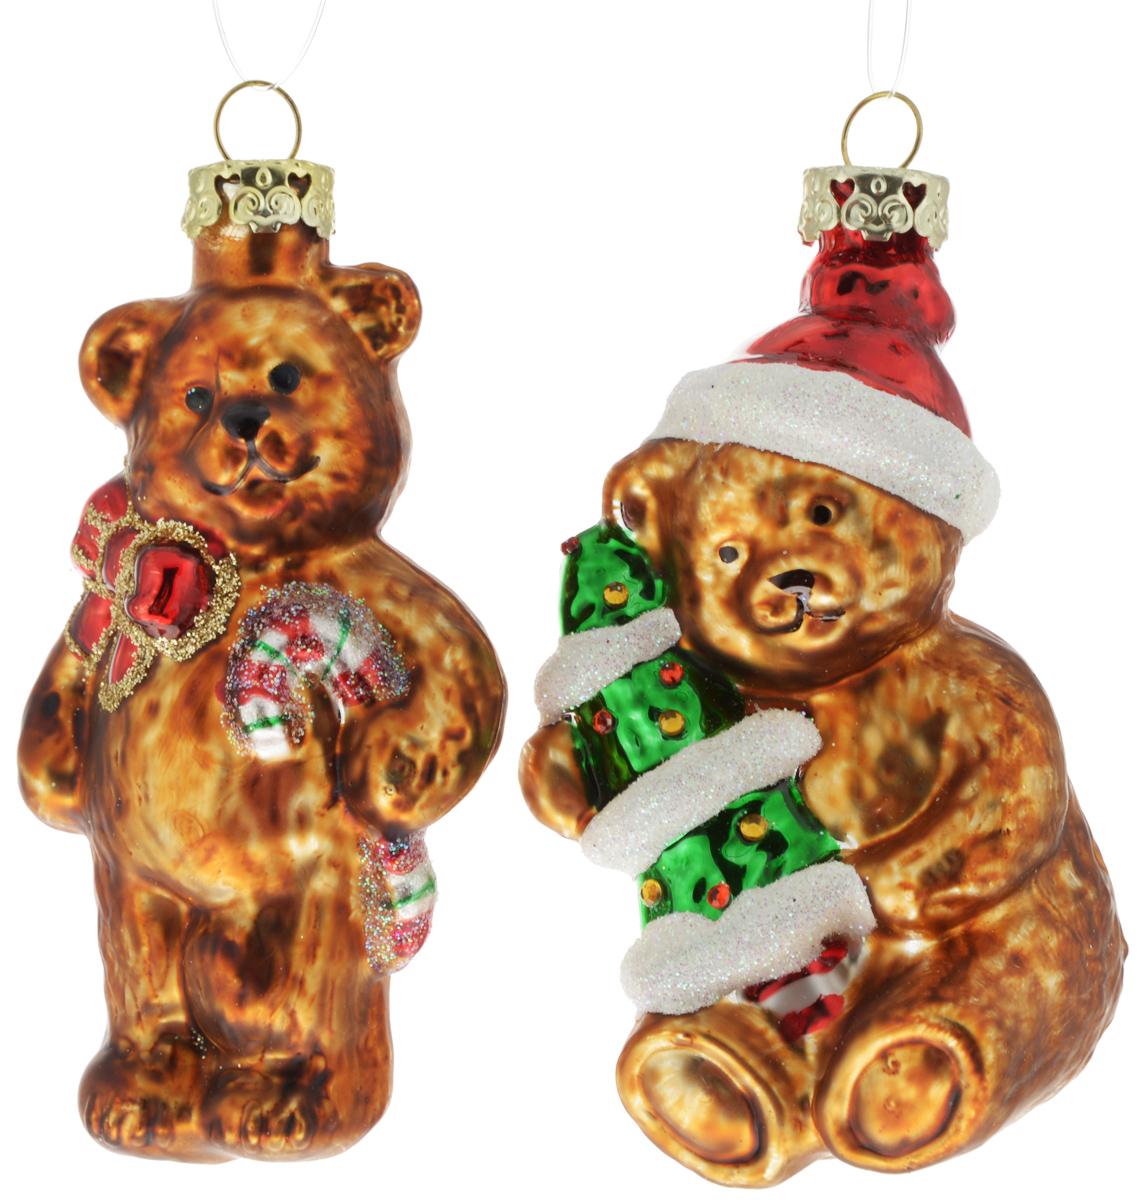 Набор новогодних подвесных украшений Winter Wings Мишки, 2 штN07850Набор Winter Wings Мишки состоит из 2 подвесных украшений, выполненных из стекла. Оригинальные новогодние украшения в виде медвежат прекрасно подойдут для праздничного декора дома и новогодней ели. С помощью специальной петельки их можно повесить в любом понравившемся вам месте. Но, конечно, удачнее всего такие игрушки будут смотреться на праздничной елке. Елочная игрушка - символ Нового года и Рождества. Она несет в себе волшебство и красоту праздника. Создайте в своем доме атмосферу веселья и радости, украшая новогоднюю елку нарядными игрушками, которые будут из года в год накапливать теплоту воспоминаний. Размер мишки с елкой: 4,5 х 4,5 х 8,5 см.Размер мишки с конфетой: 4,5 х 3,5 х 9 см.